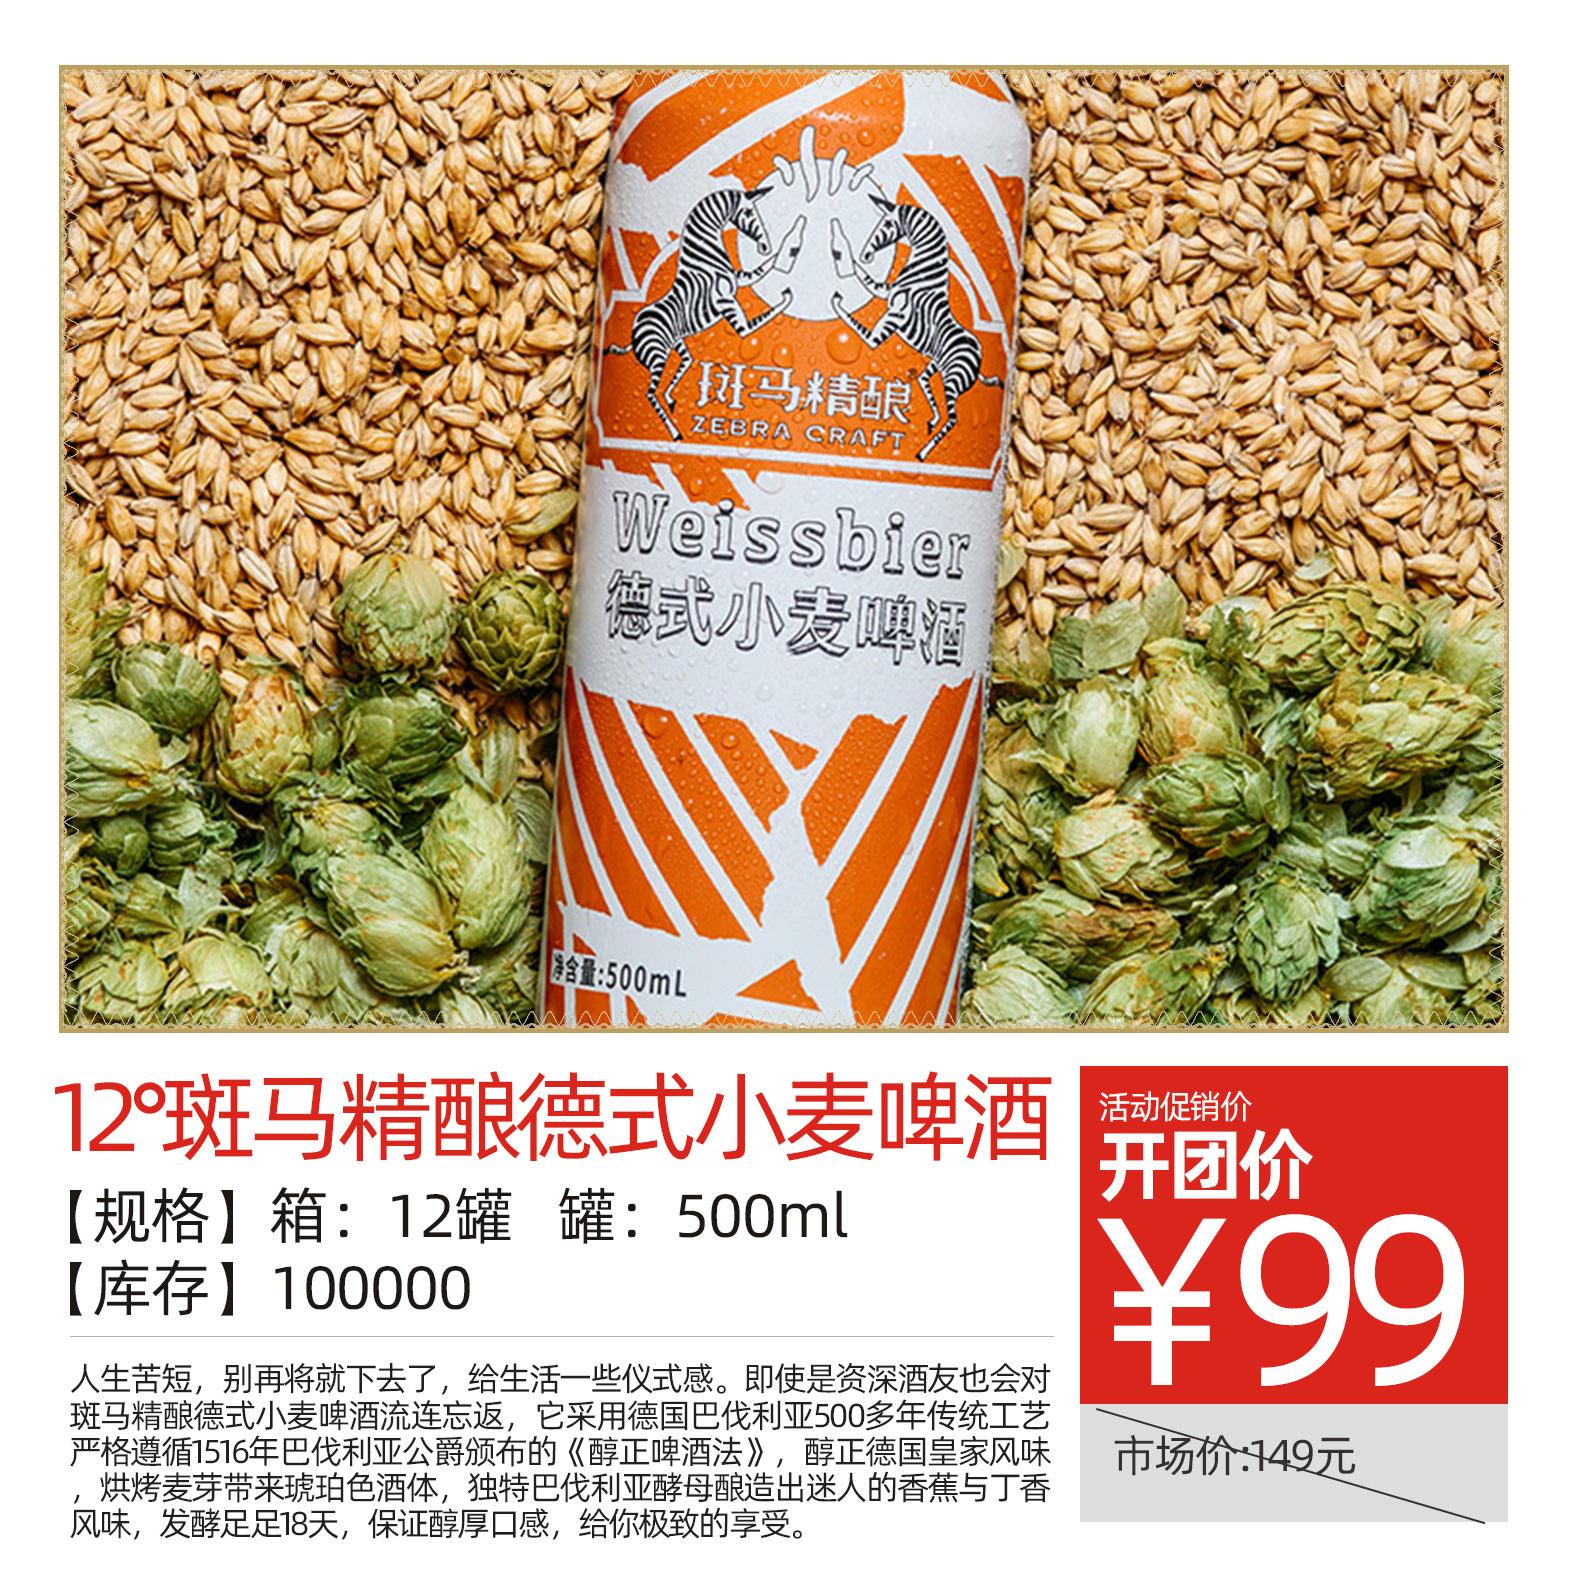 12°斑马精酿德式小麦啤酒